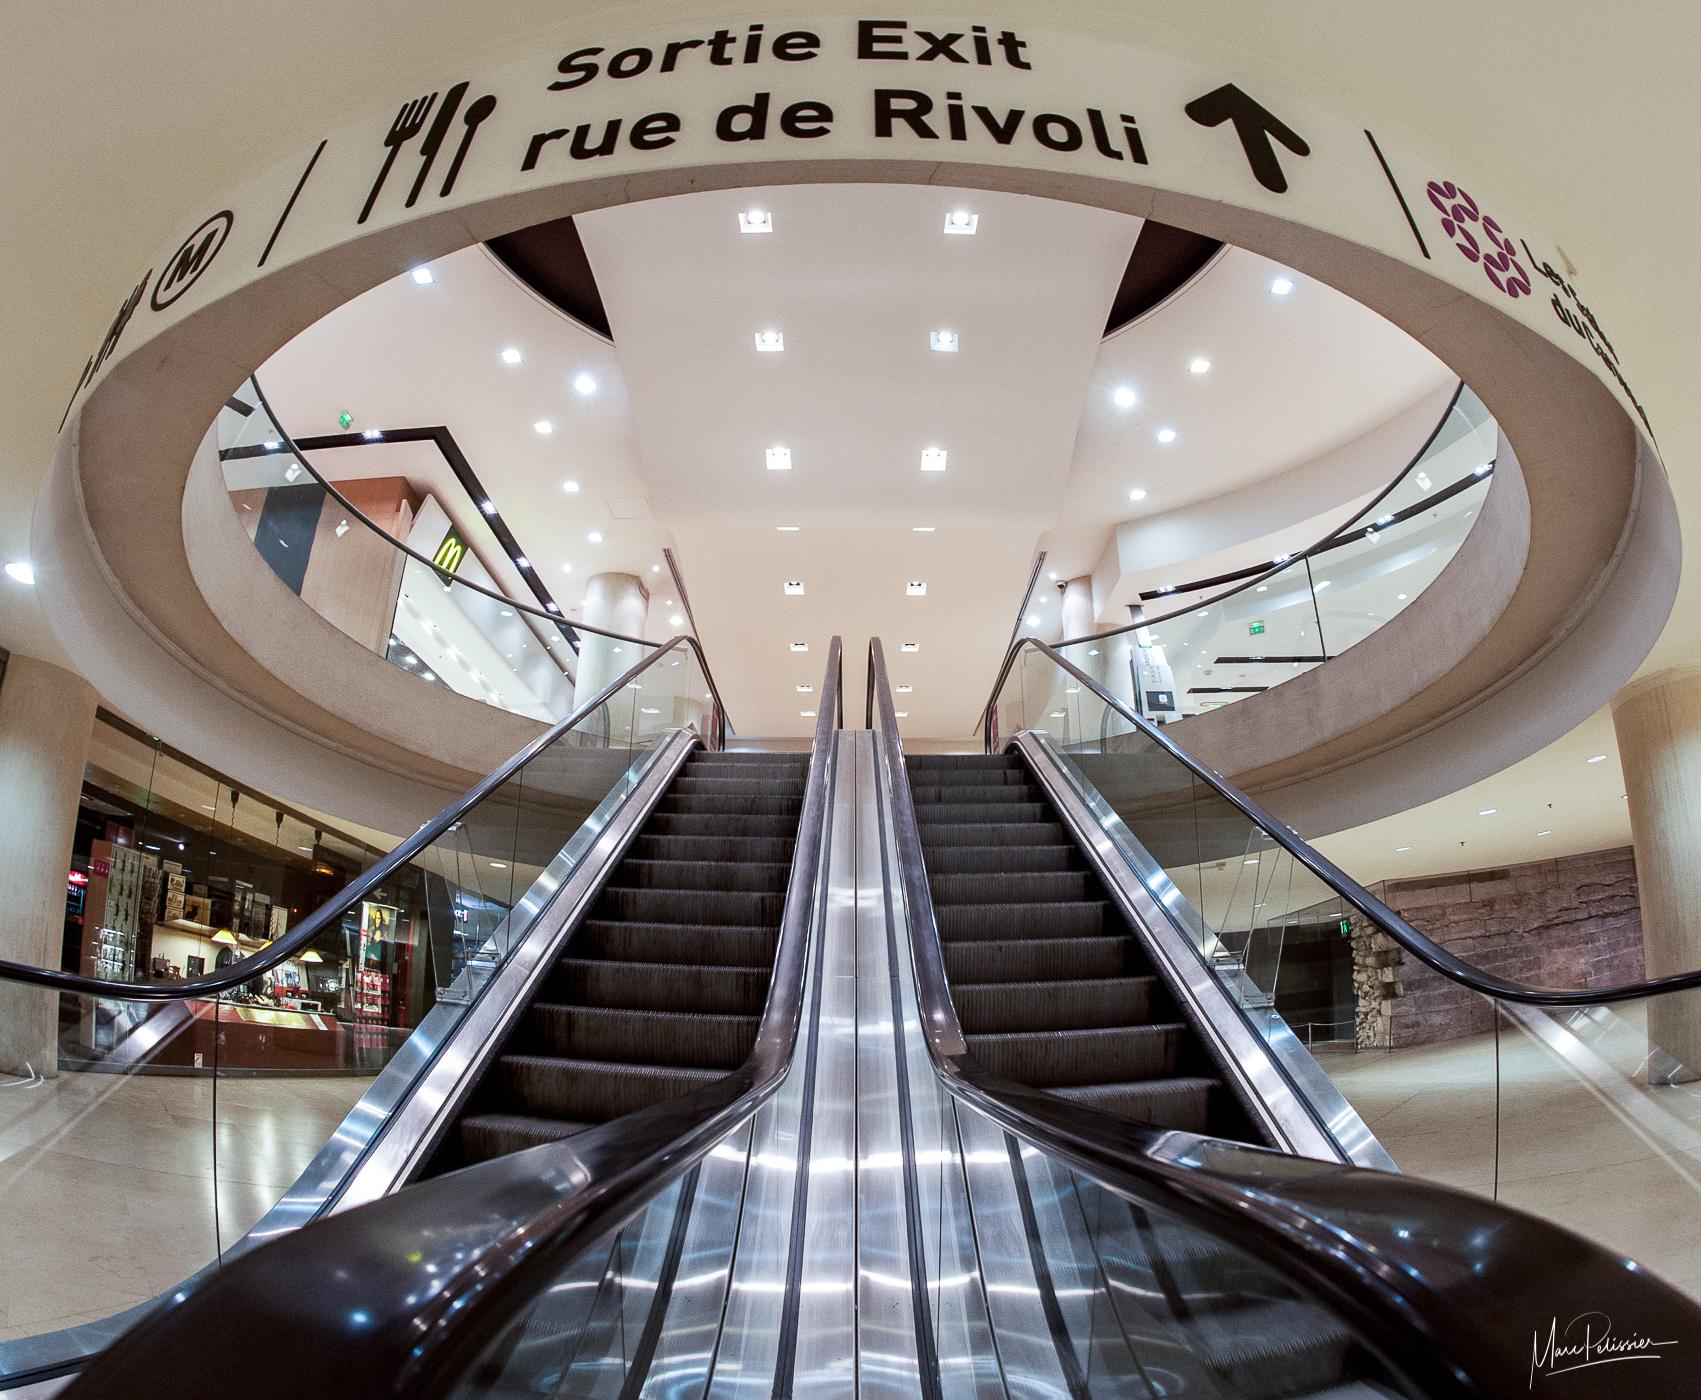 Modern alien in commercial gallery, France